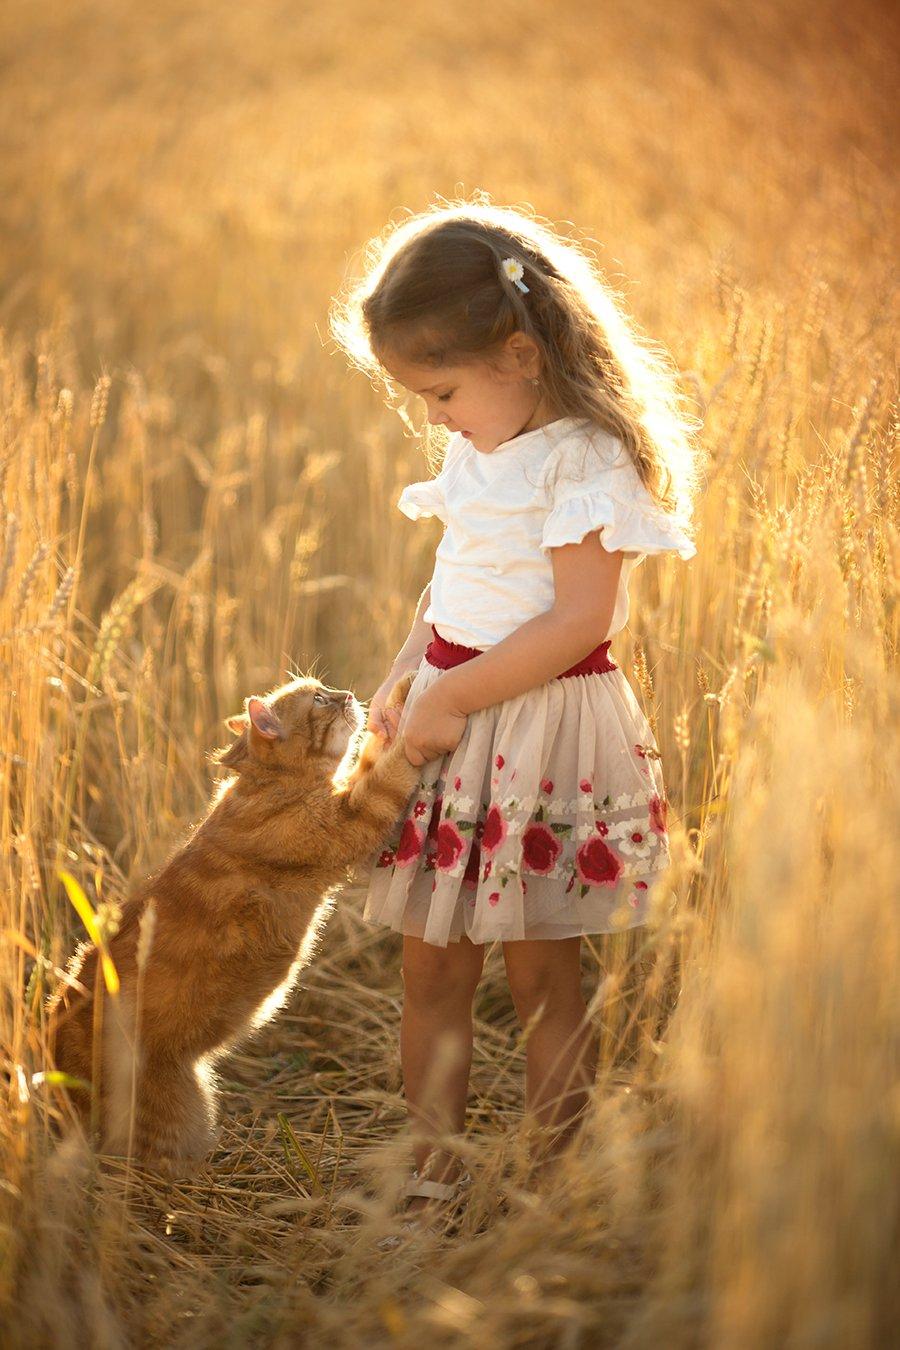 дети, девочка, детский портрет, детский фотограф, детская фотография, топ фотограф, семейный фотограф, пшеница, лето, кот, Мороз Валерия